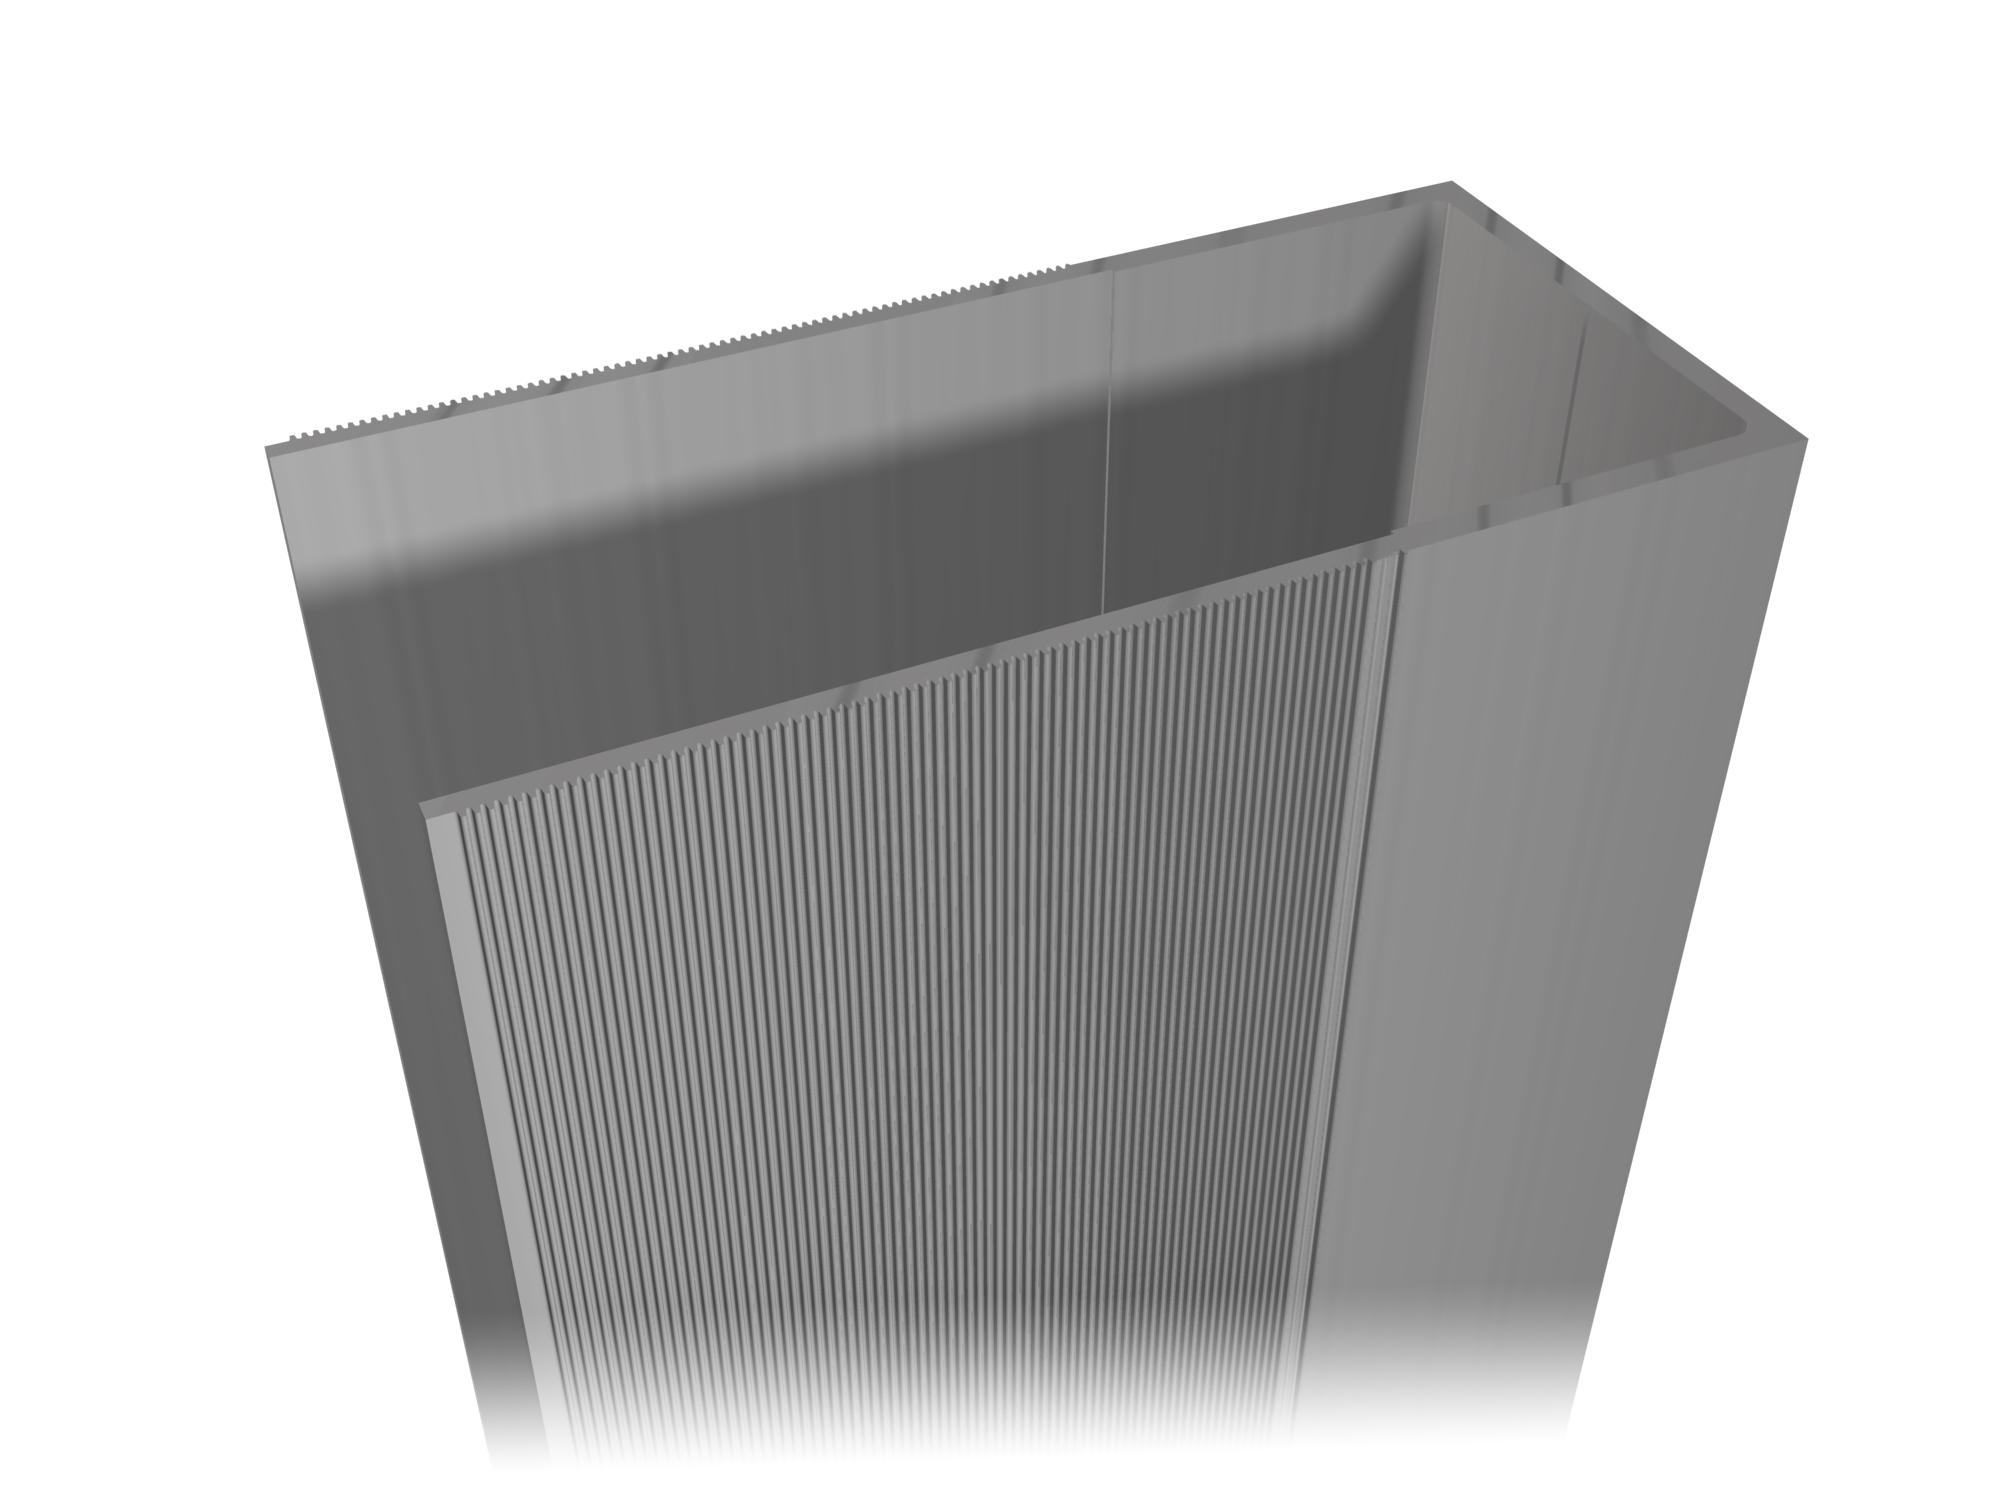 Aluminum profile A-03.1